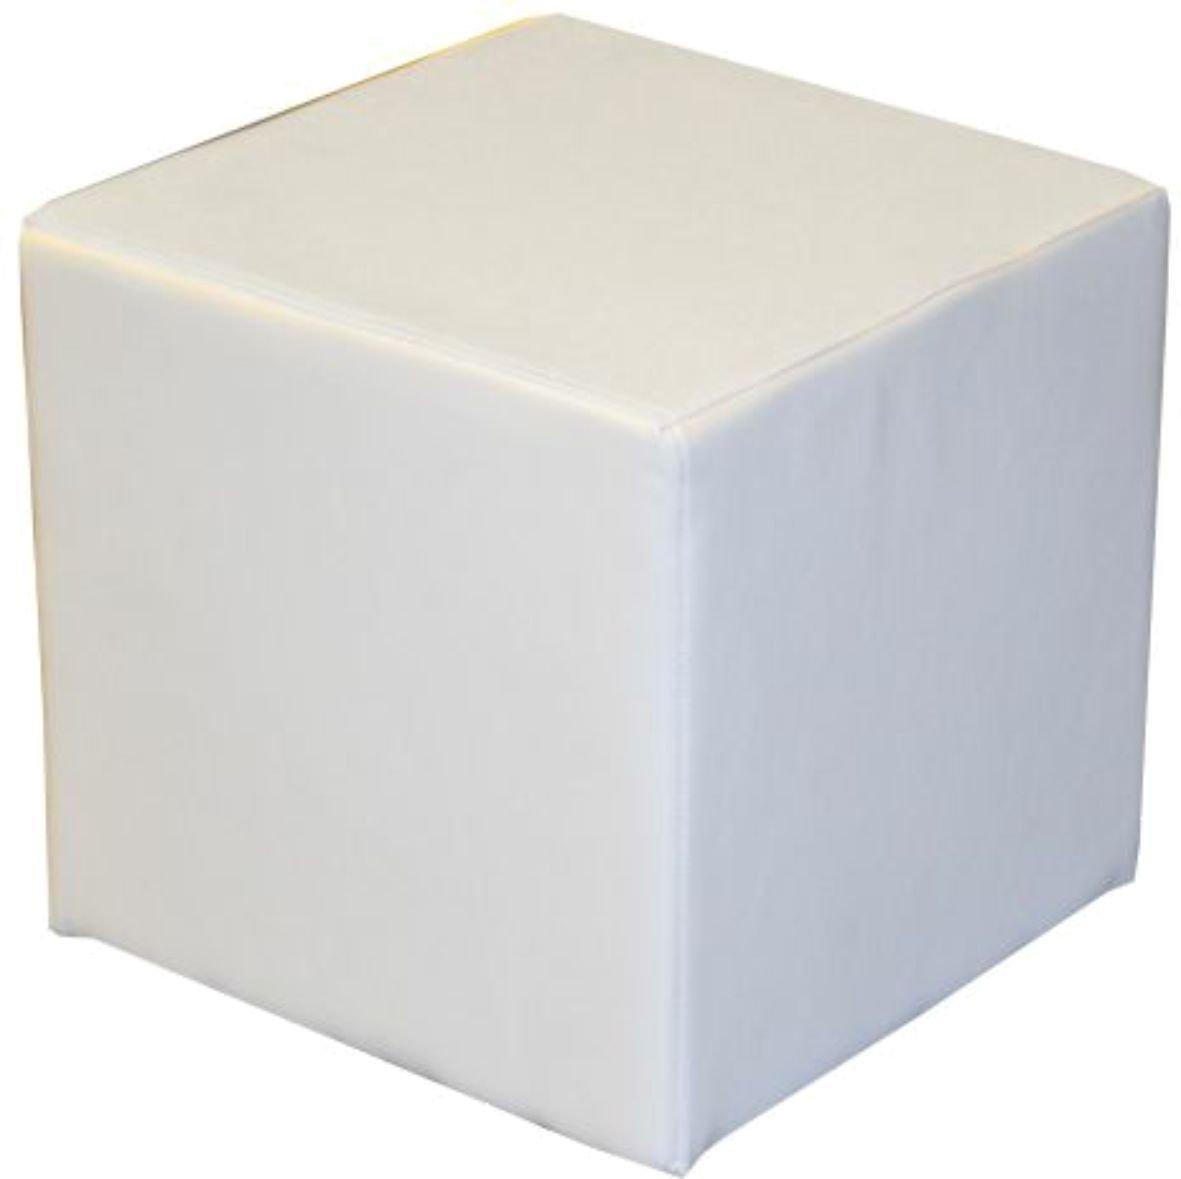 Sitzwürfel Sitzhocker Schminkhocker Hocker Sessel Kunstleder Weiß 45x45 cm